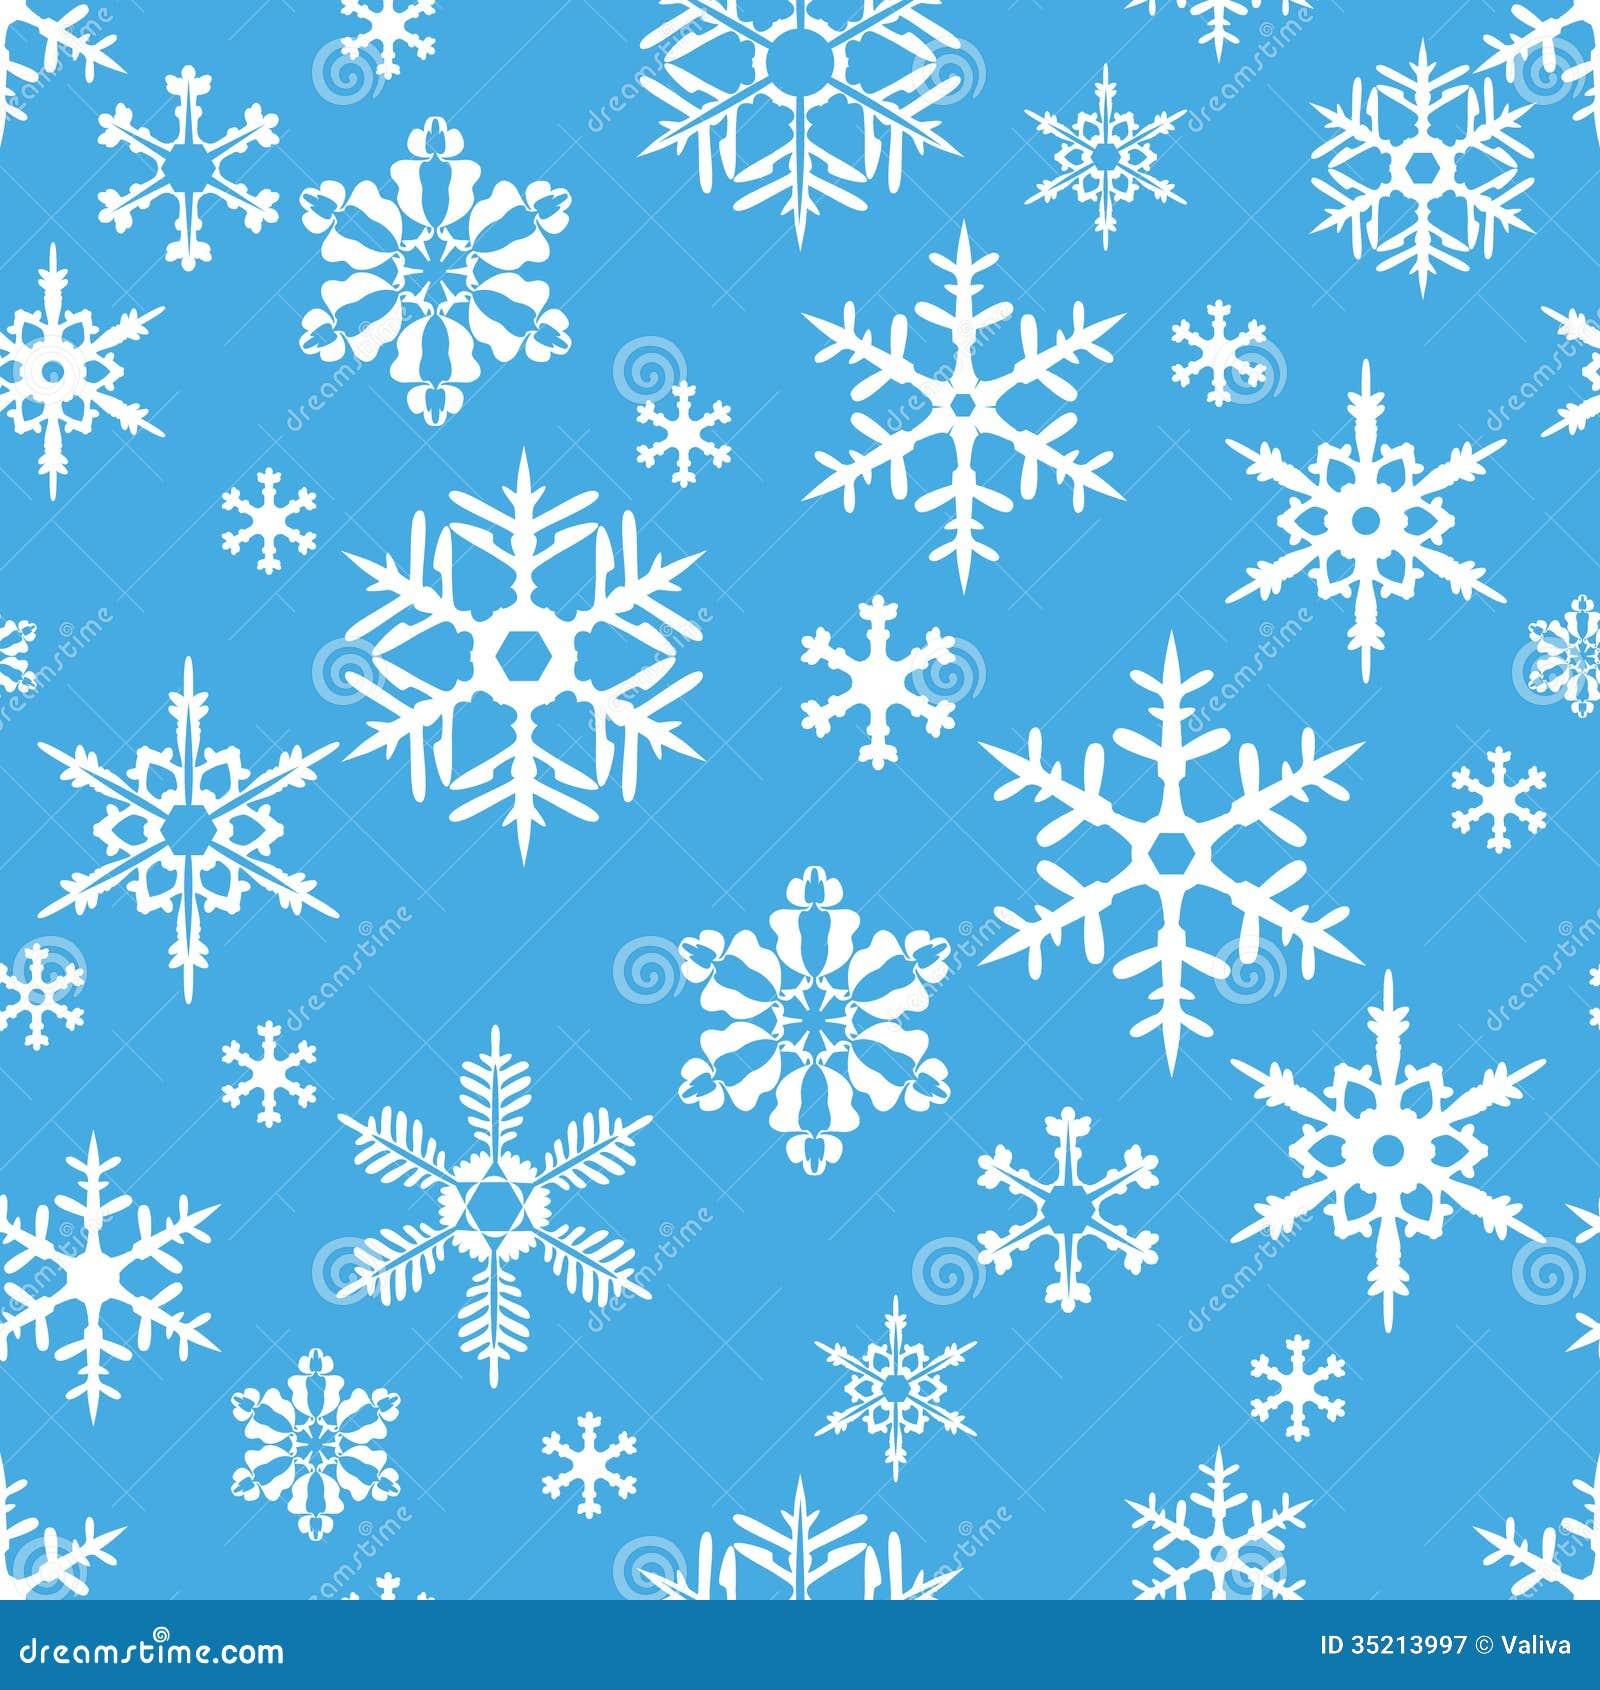 Various - Snowfall